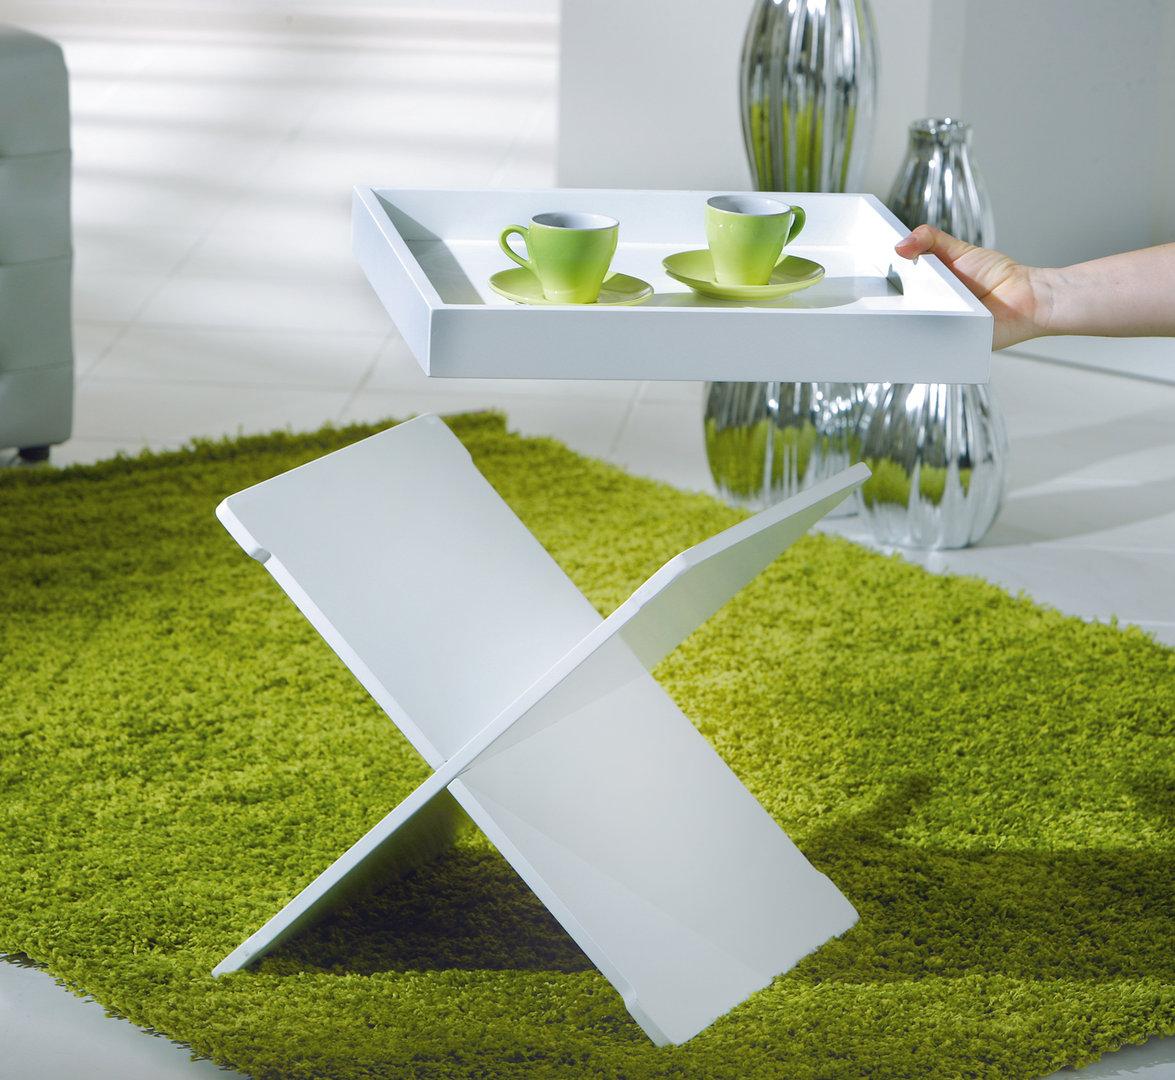 Revit tavolino moderno bianco o nero, mobile con vassoio removibile